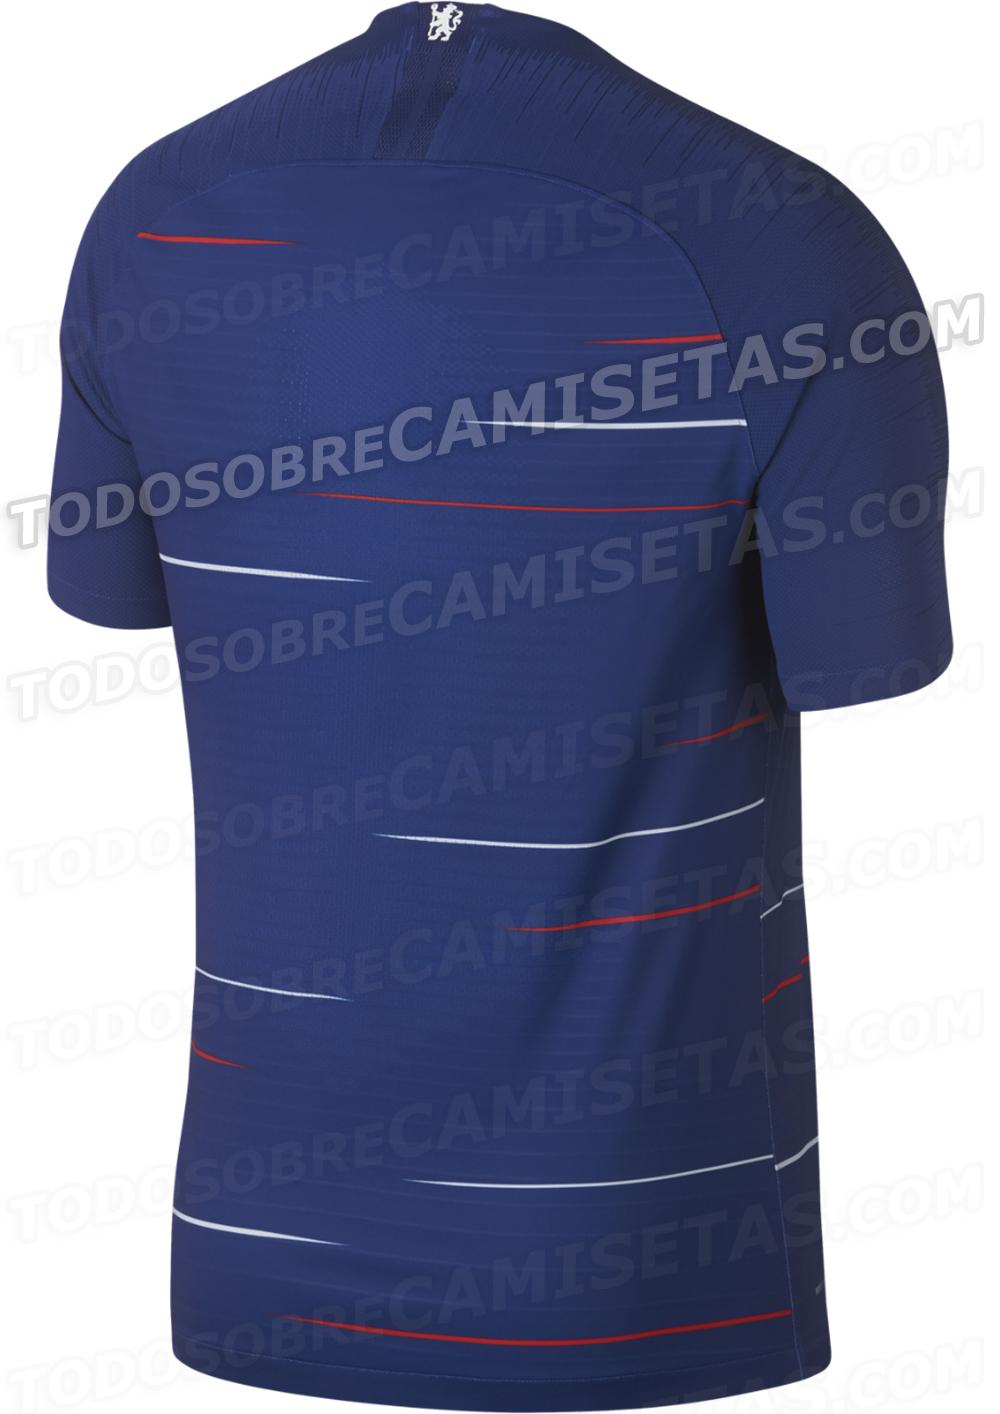 7b5ccfdf08 Site vaza suposta nova camisa do Chelsea com listras vermelhas e ...